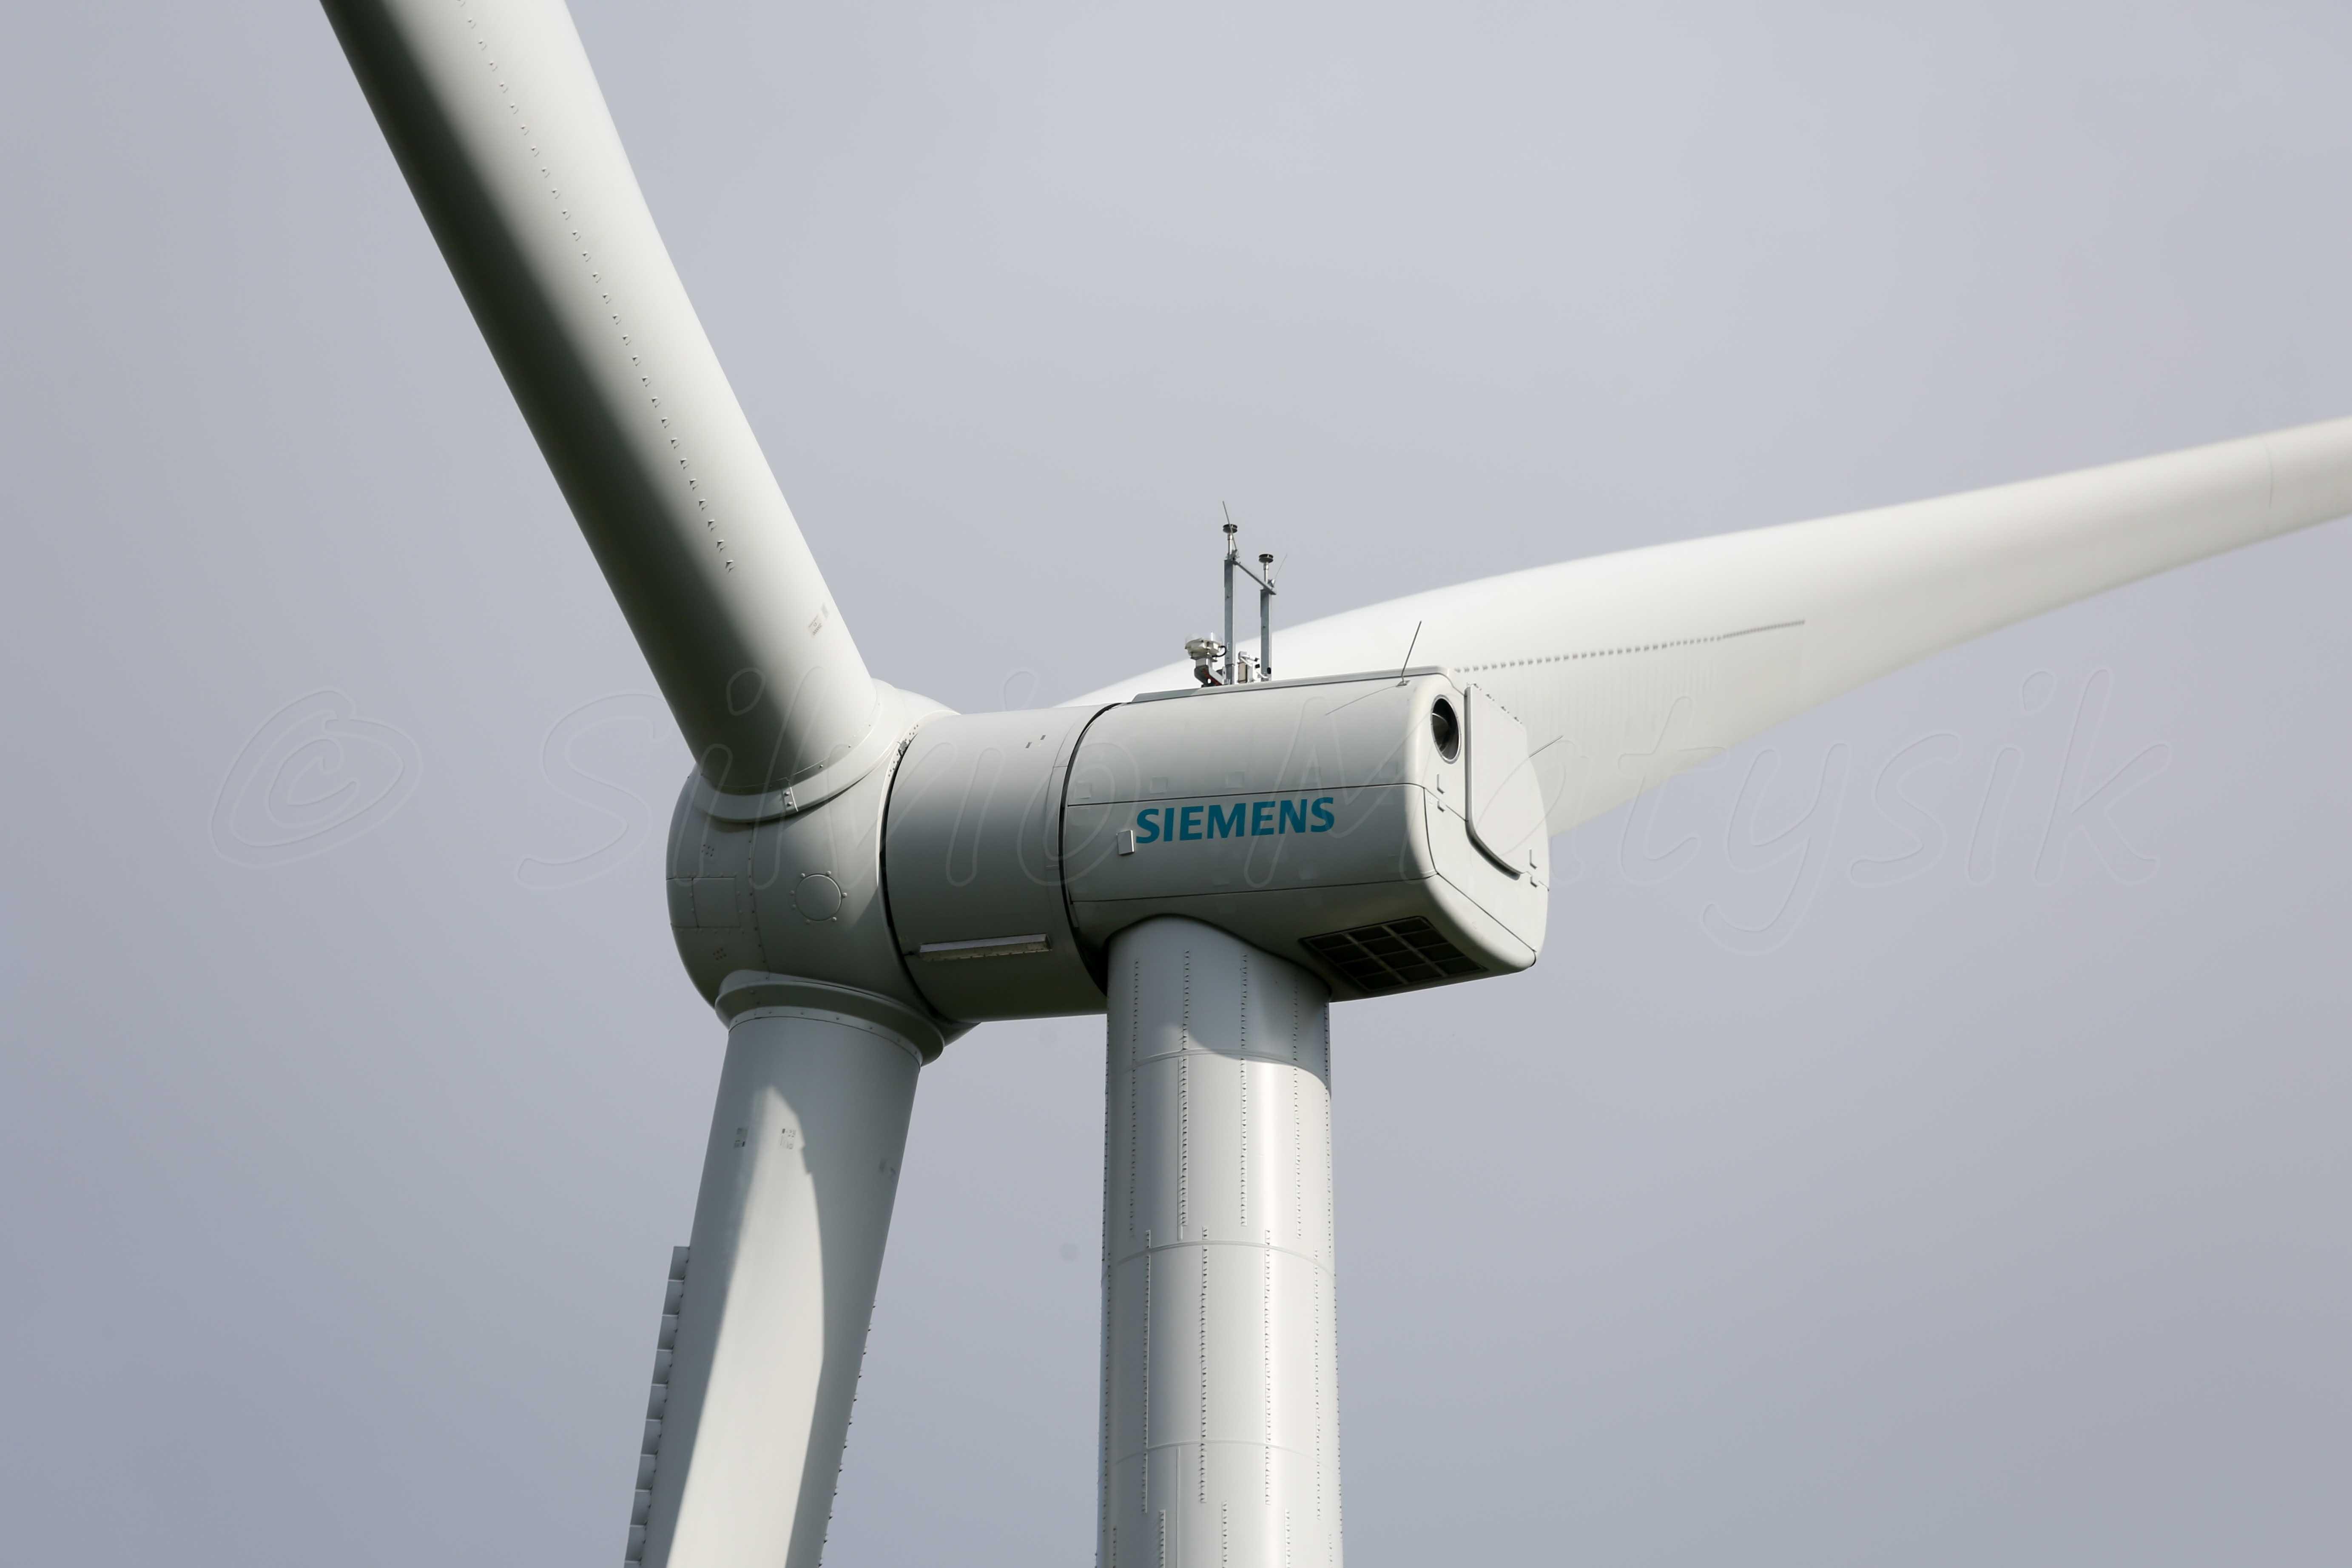 Siemens SWT-3 15-142 - 3,15 MW - Wind turbine